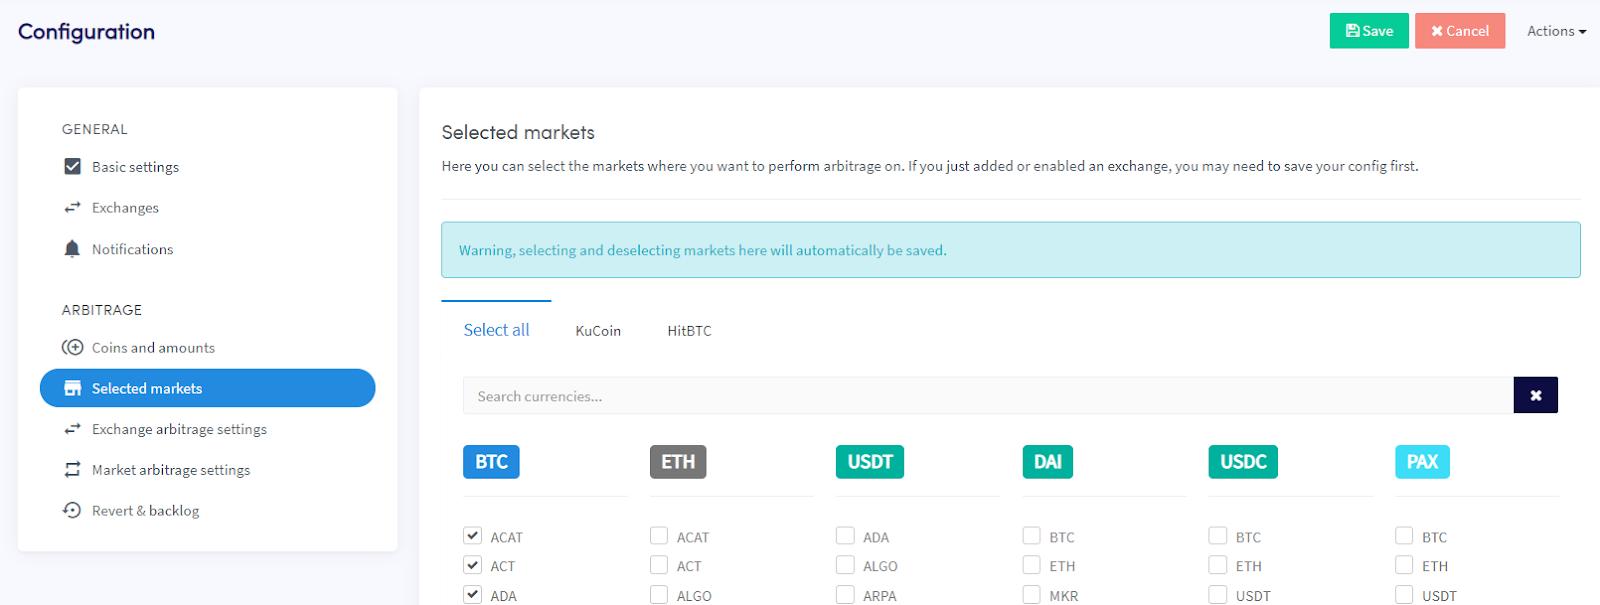 market exchange triangular arbitrage troubleshooting portfolio management manager free blockfolio delta automated automatic crypto cryptocurrency bitcoin ethereum trading bot platform cryptohopper